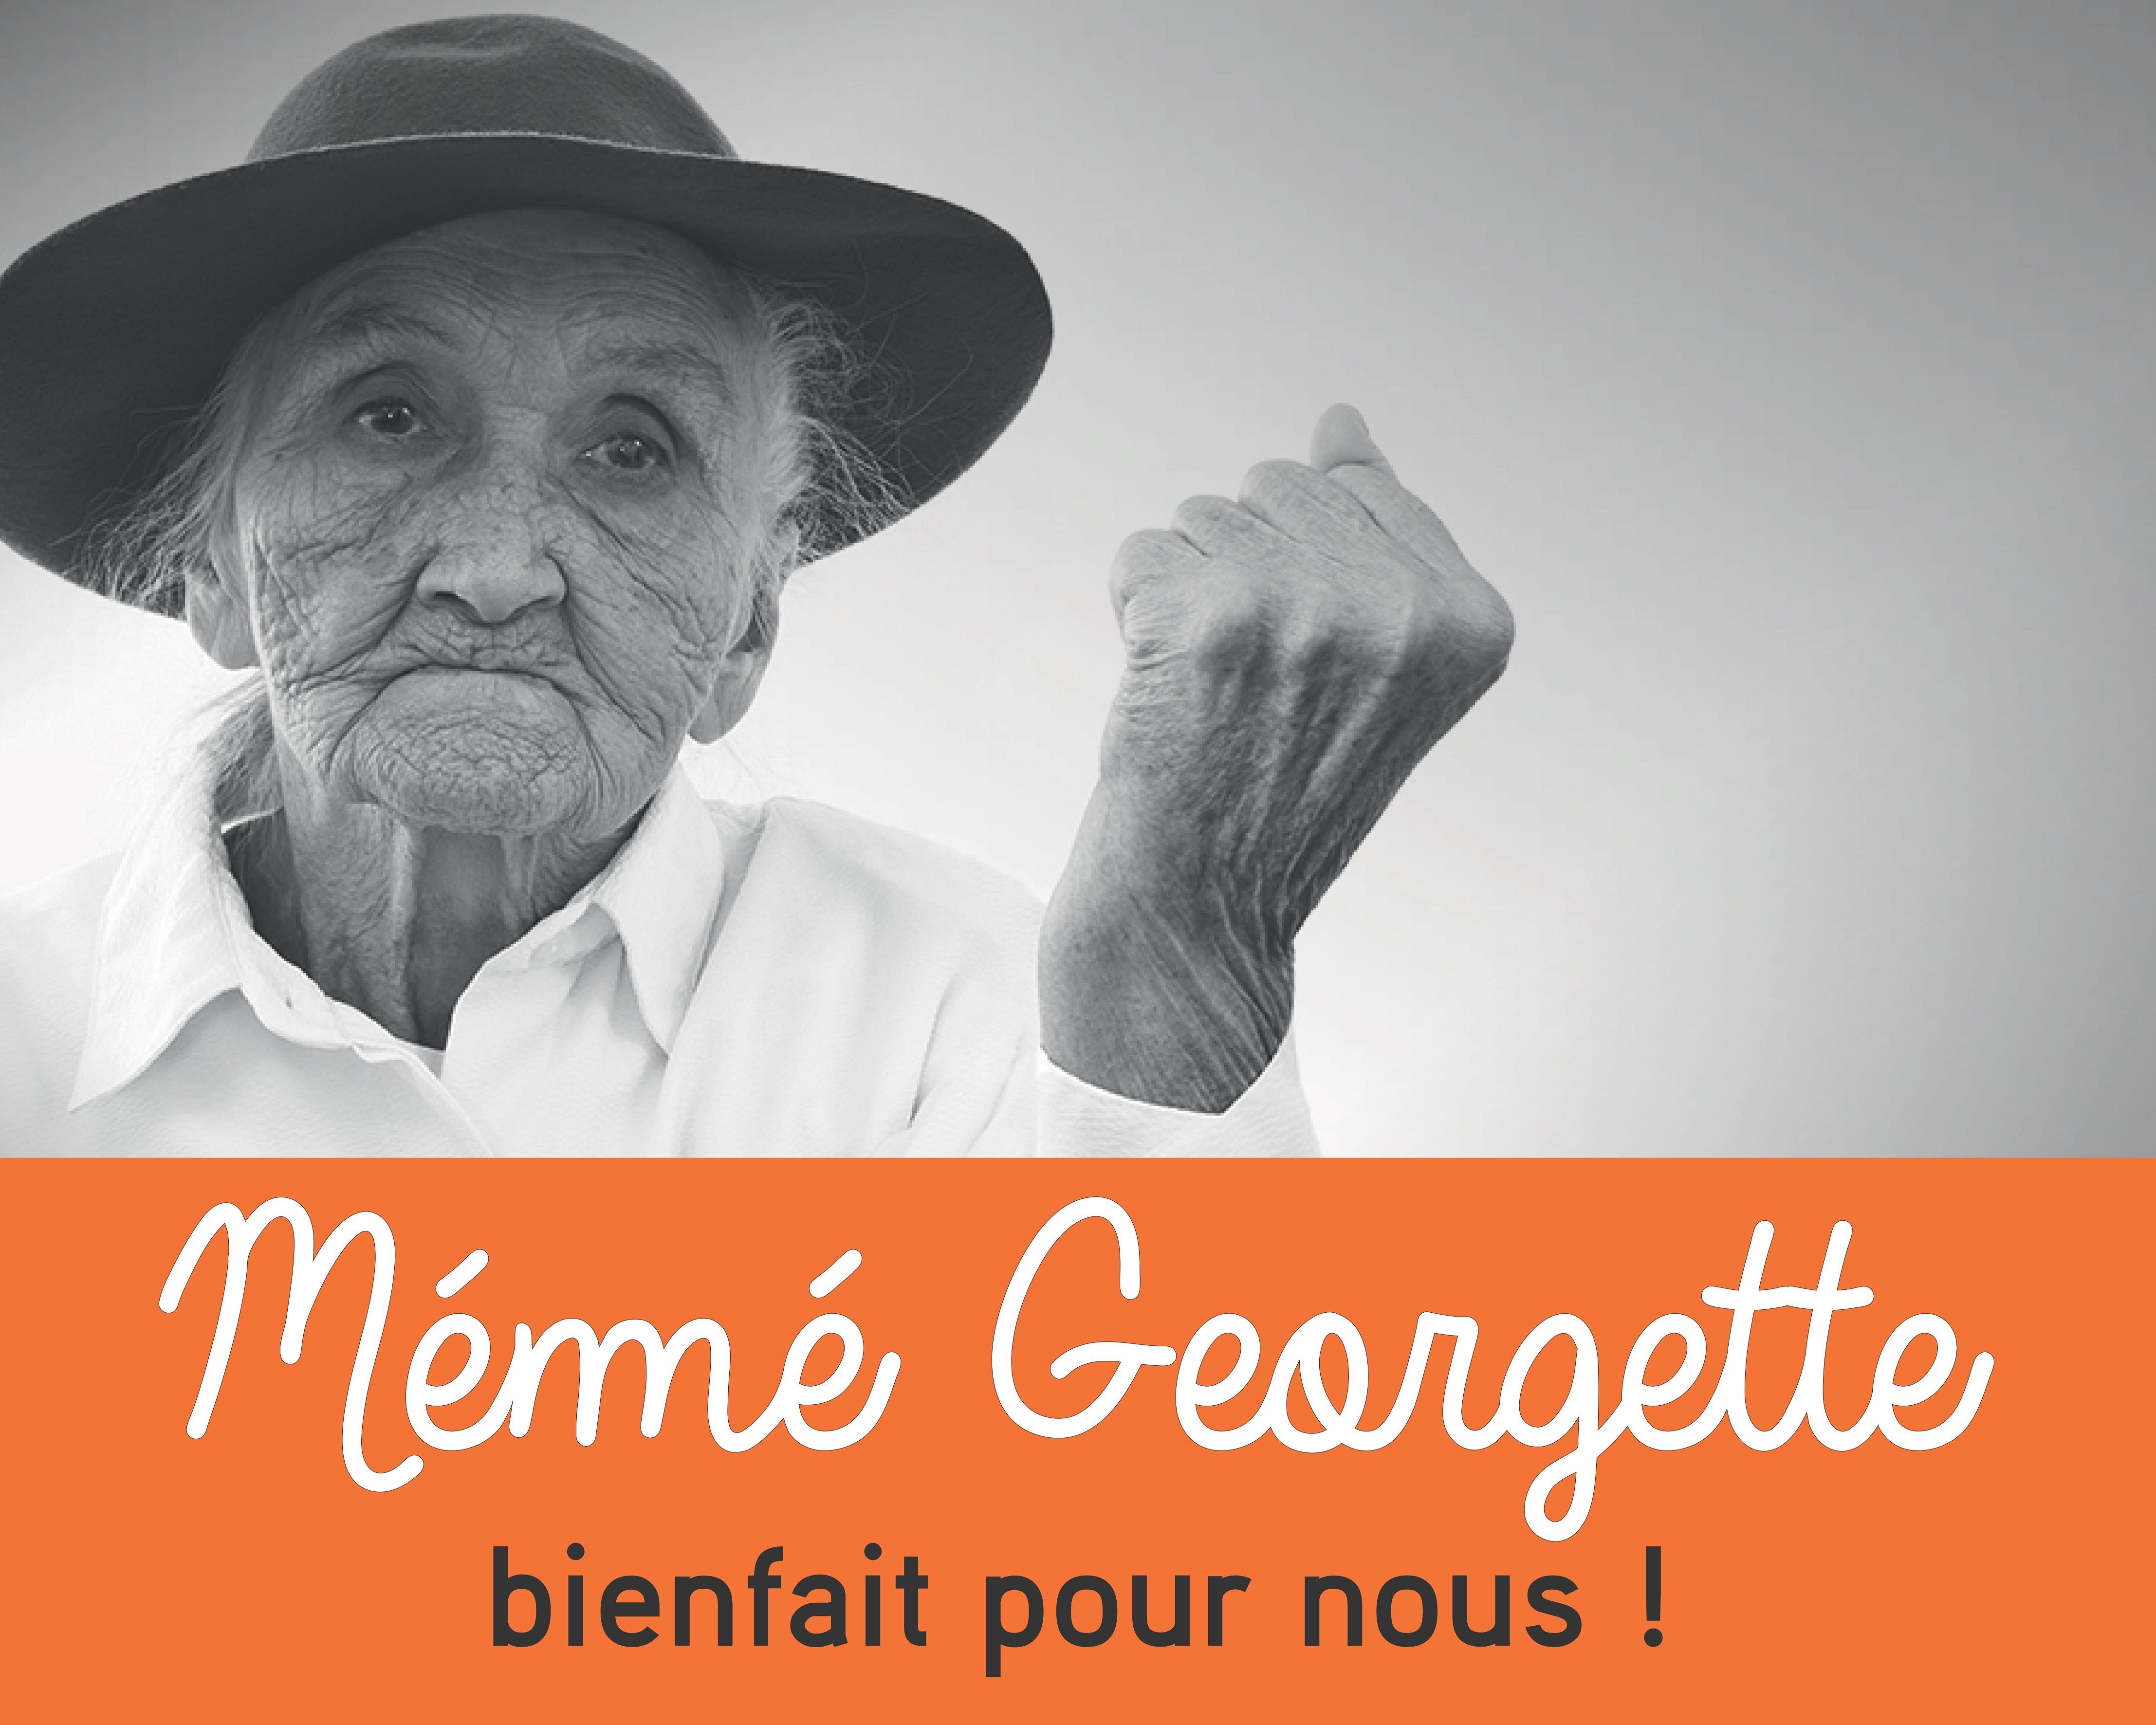 Mémé Georgette - Bienfait pour nous !